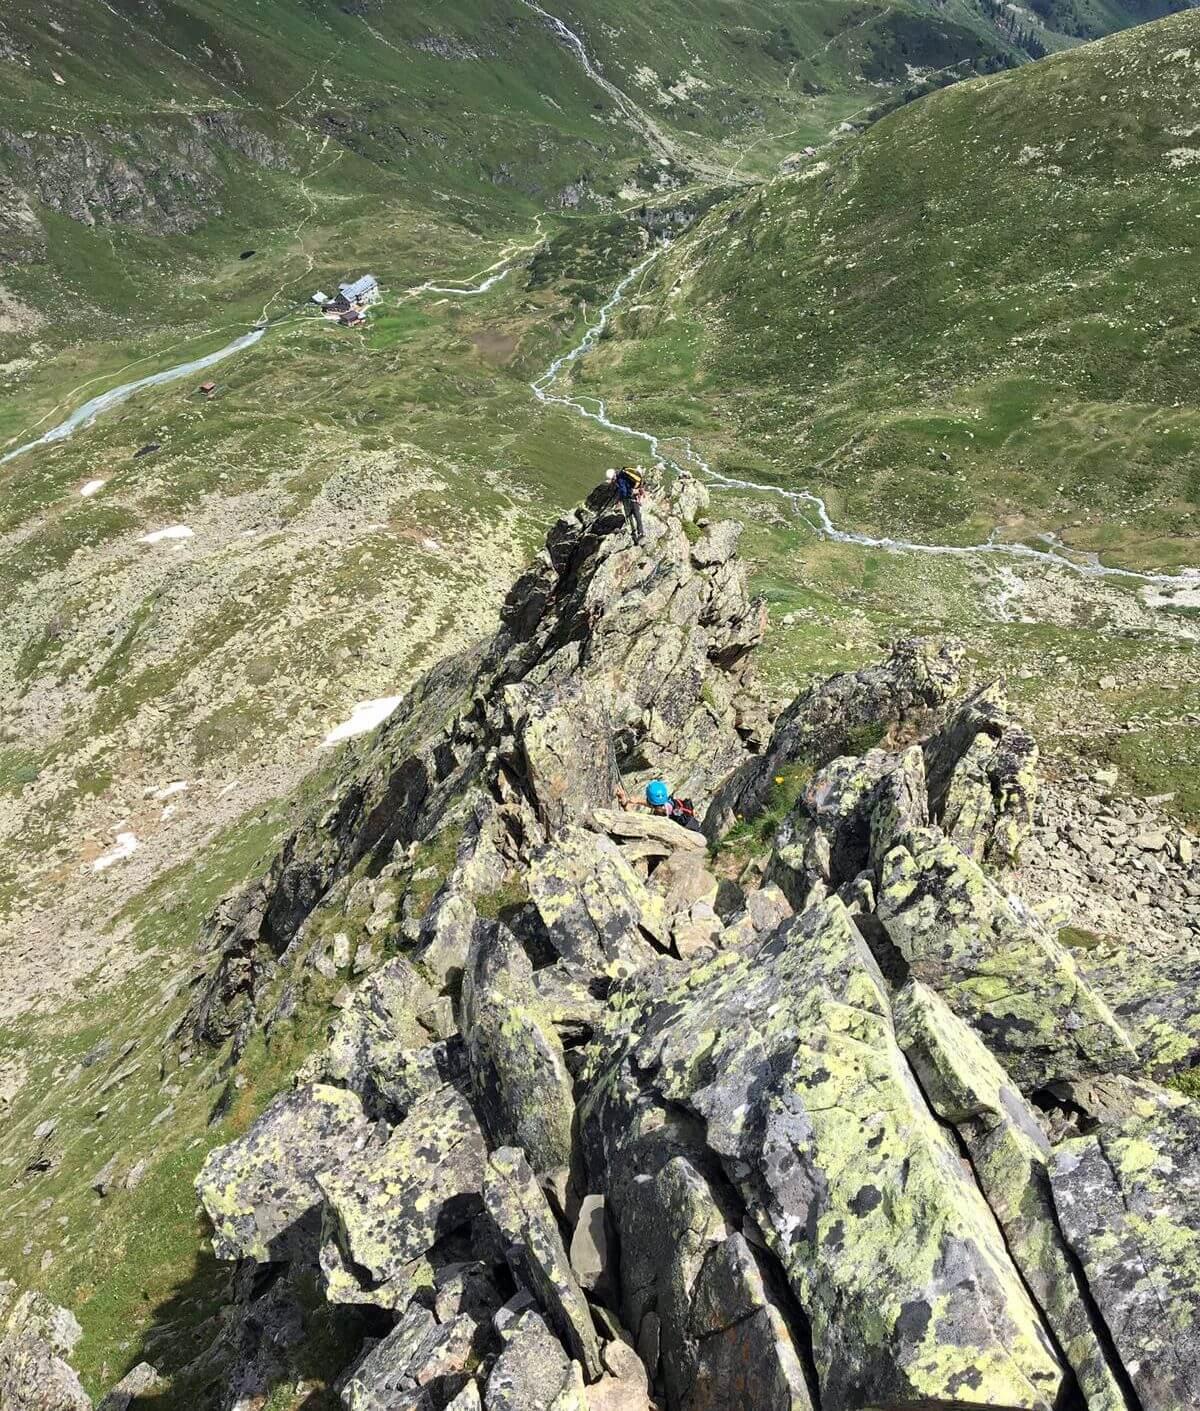 Herrliche Sicht vom Hüttengrat zur Vorderen Sommerwand - Aufbaukurs Fels und Eis